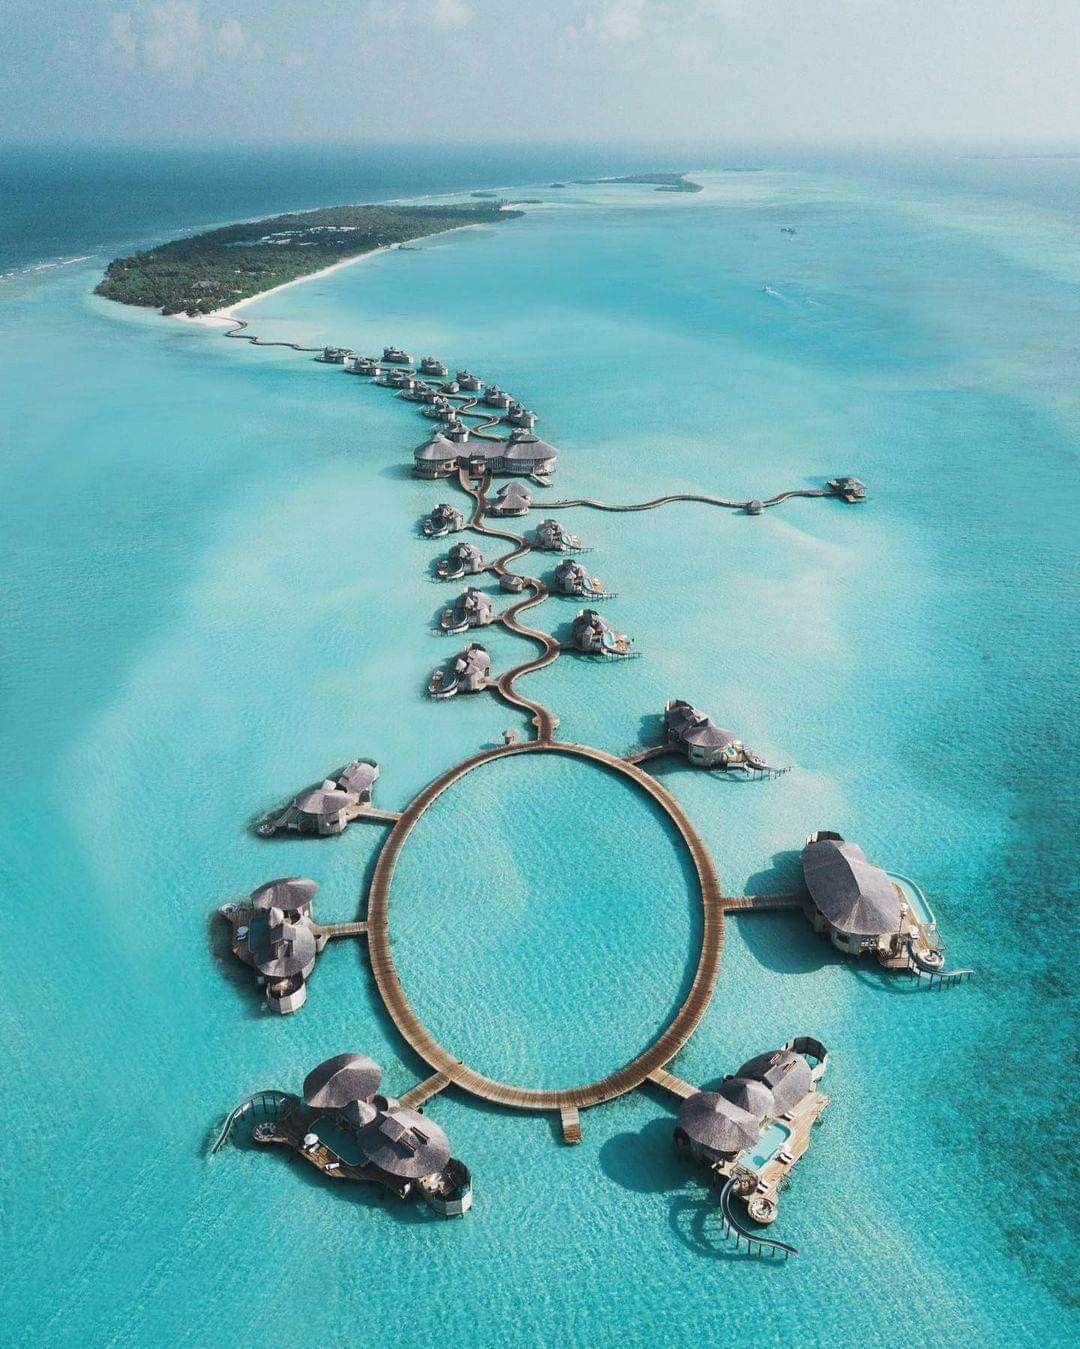 تخيل السير على هذا الممر الخشبي محاط ا بزرقة المحيط ونسيمه العليل ينعش روحك المالديف عبارة عن أرخبيل من الجزر المتناثرة في المحيط الهندي على بعد 700 ك In 2021 Places